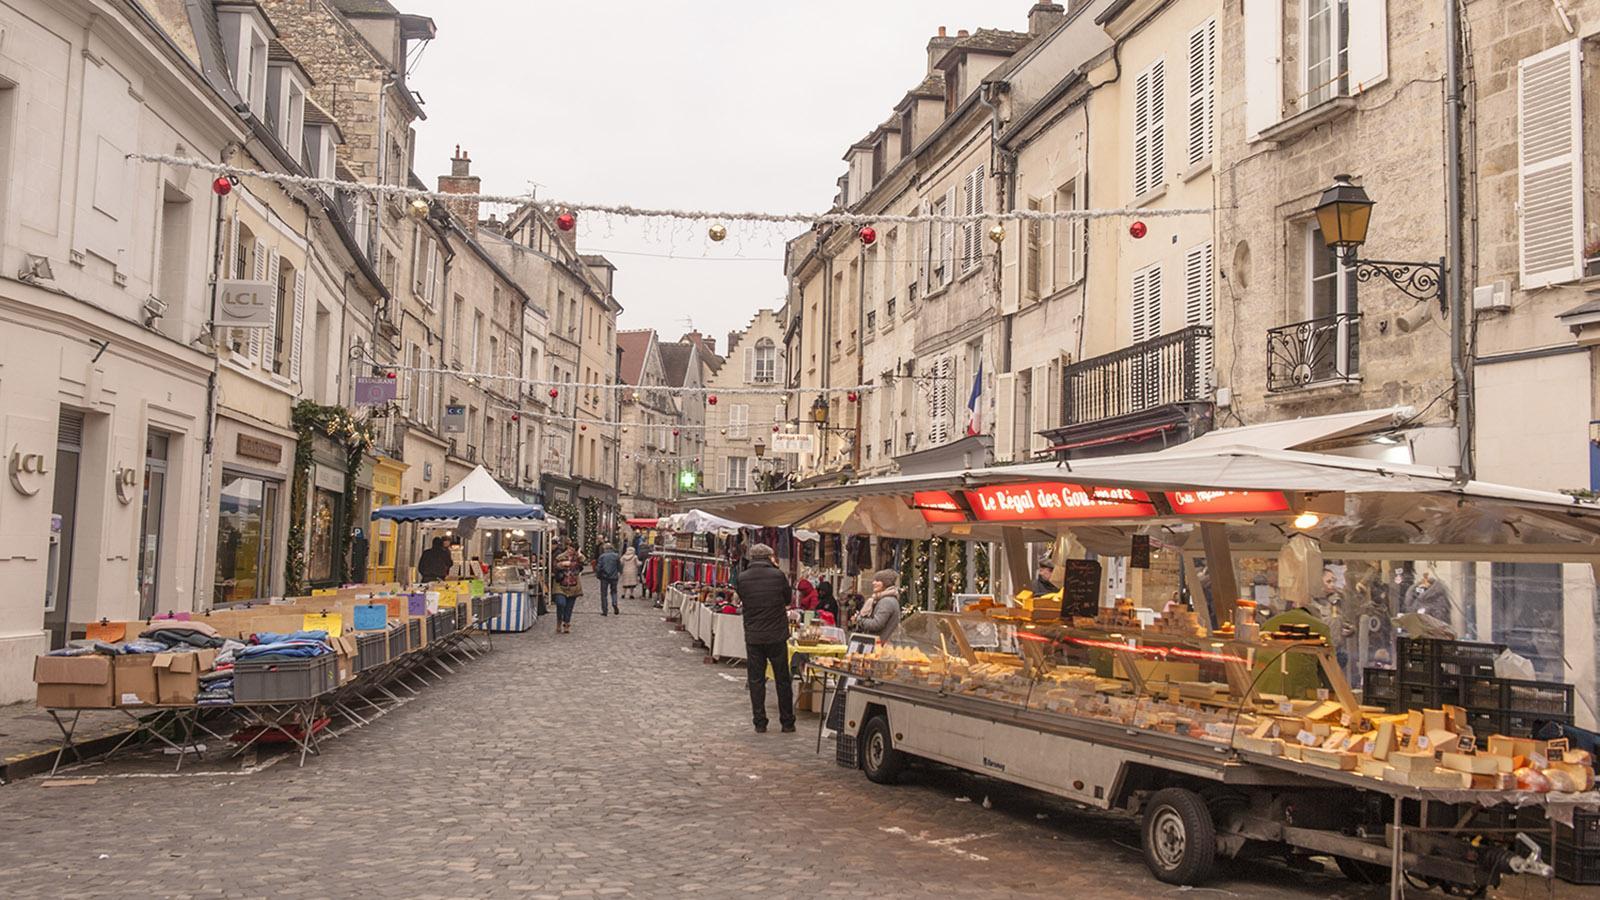 Markt in Senlis. Foto: Hilke Maunder